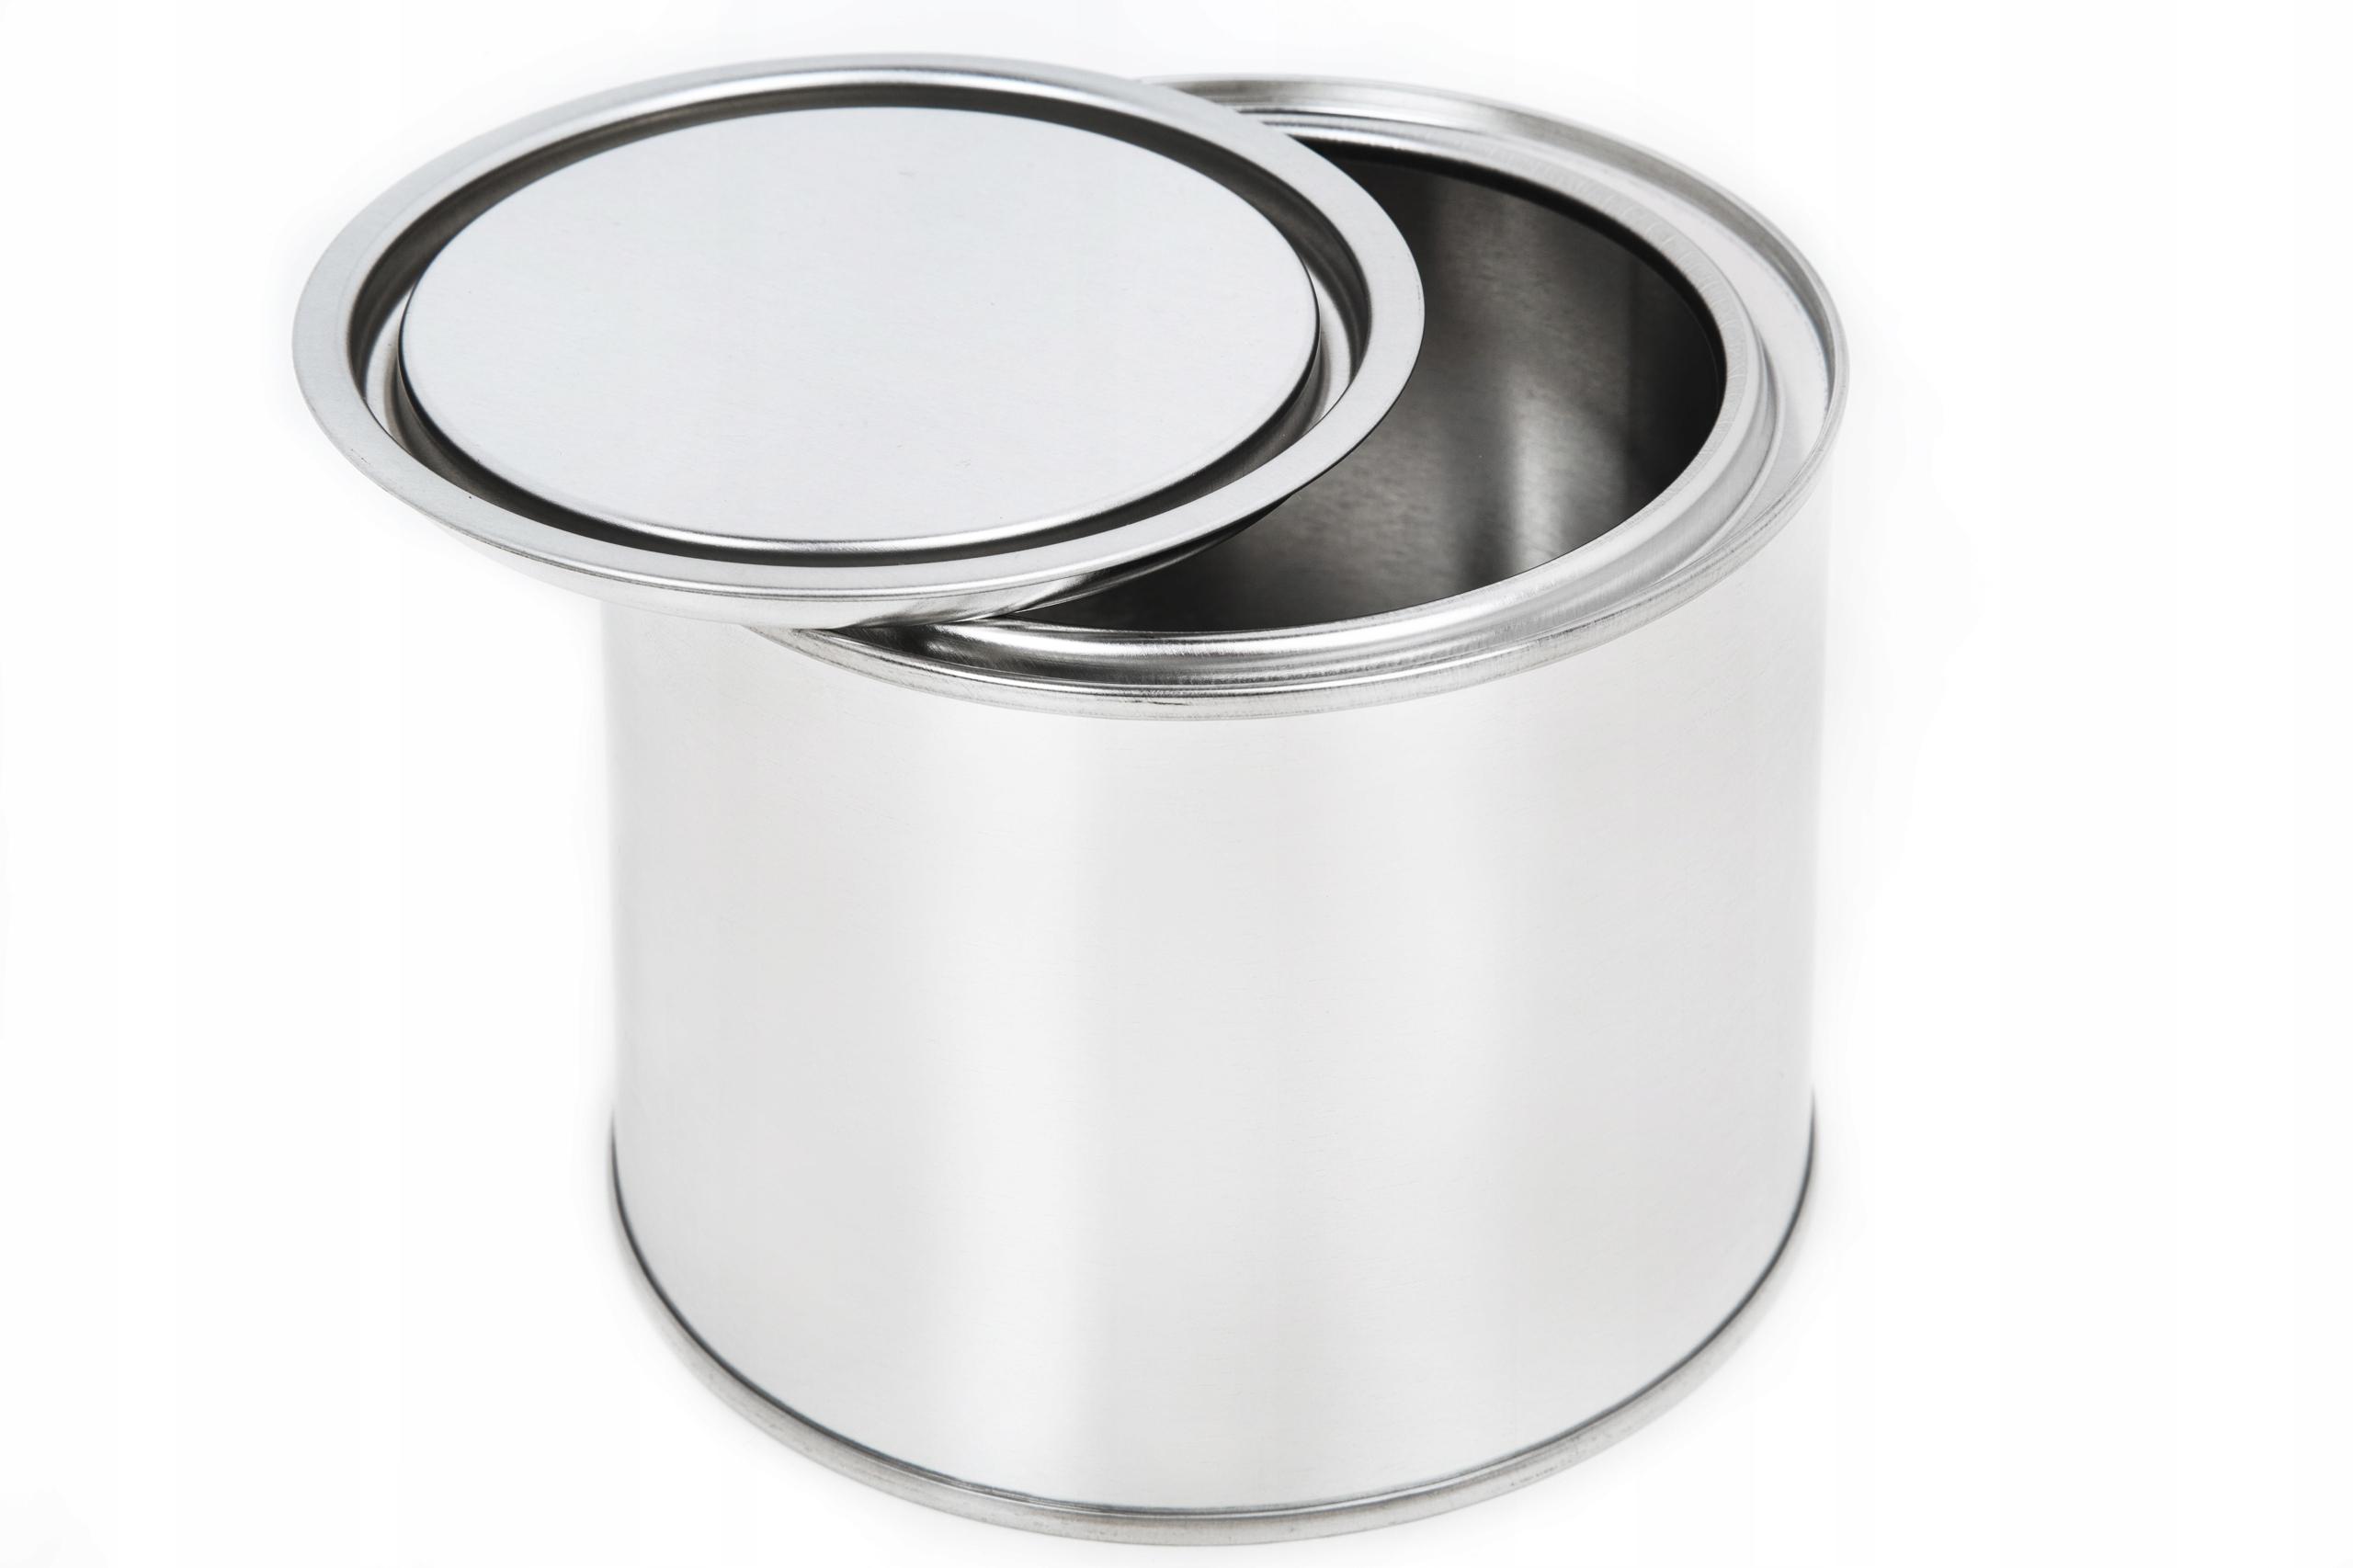 Puszka Metalowa 0,5L z pokrywa (Ocynk) Pusta